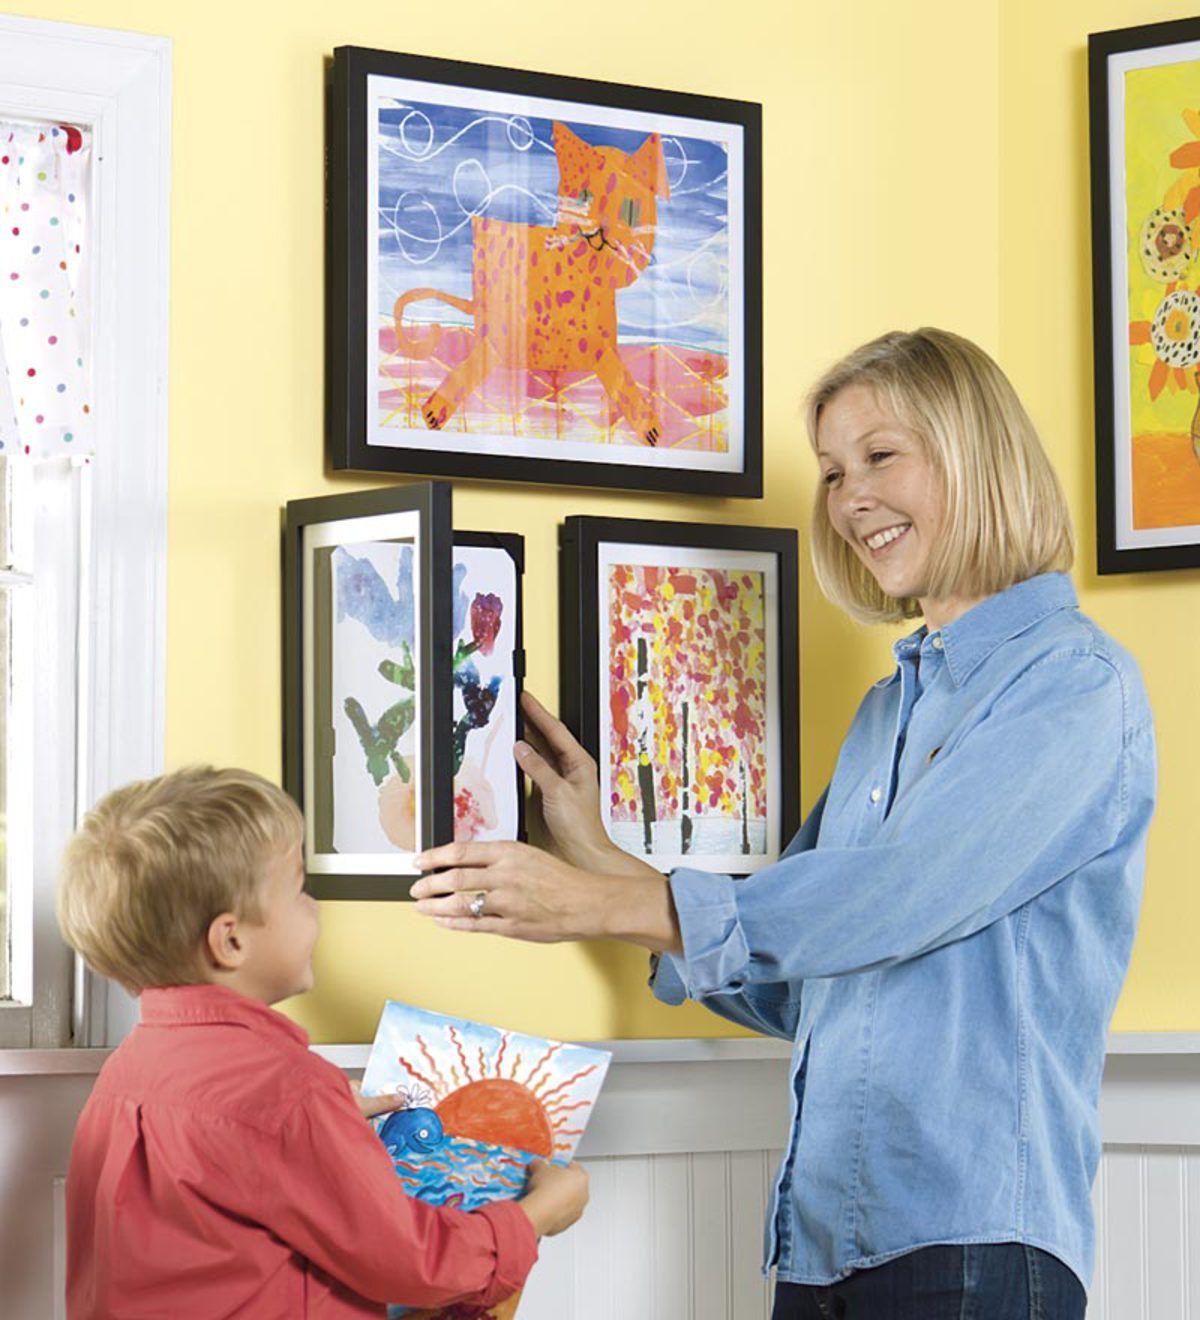 Li L Davinci Art Frames Best Selling Ages 12 And Up Hearthsong Da Vinci Art Kids Artwork Framed Art